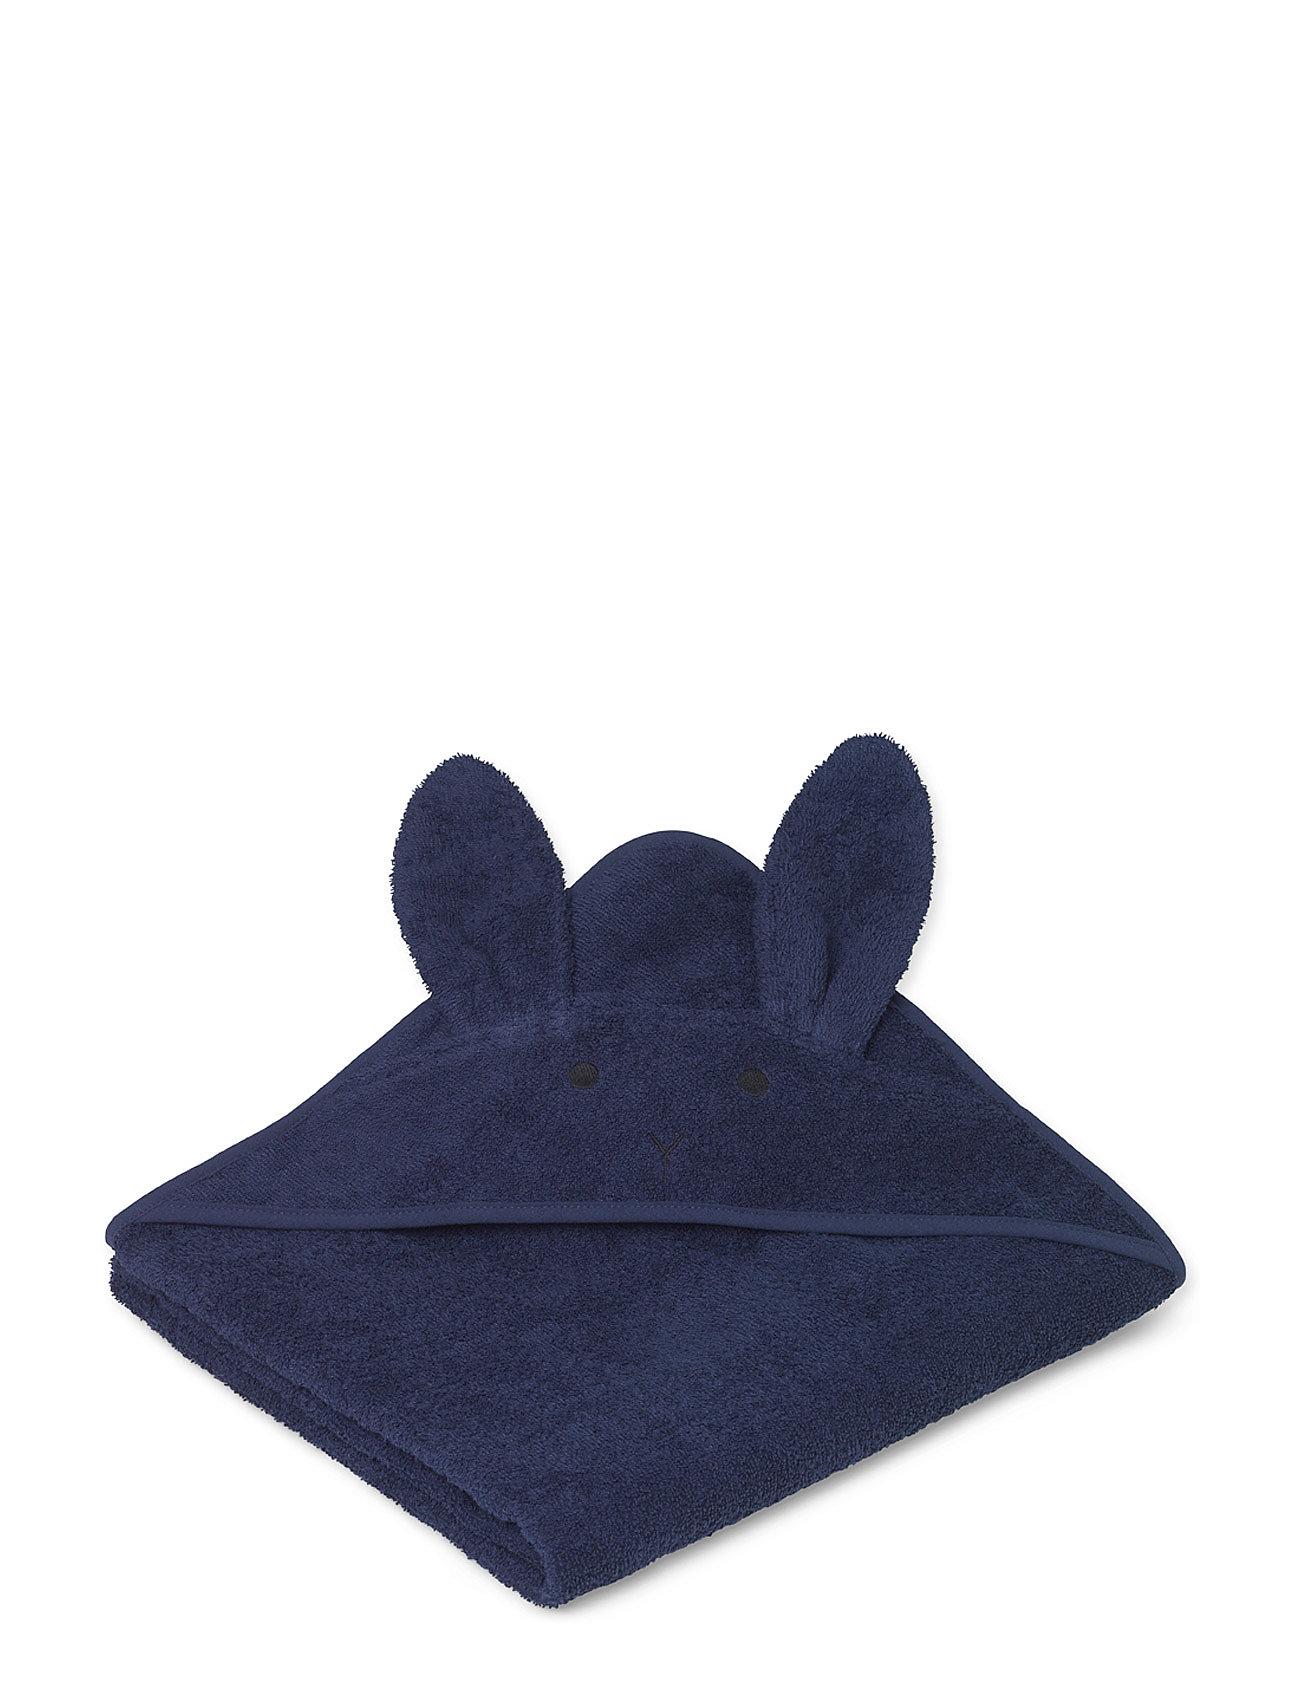 Augusta Towel Rabbit Liewood Håndklæder & Badekåber til Børn i Navy blå